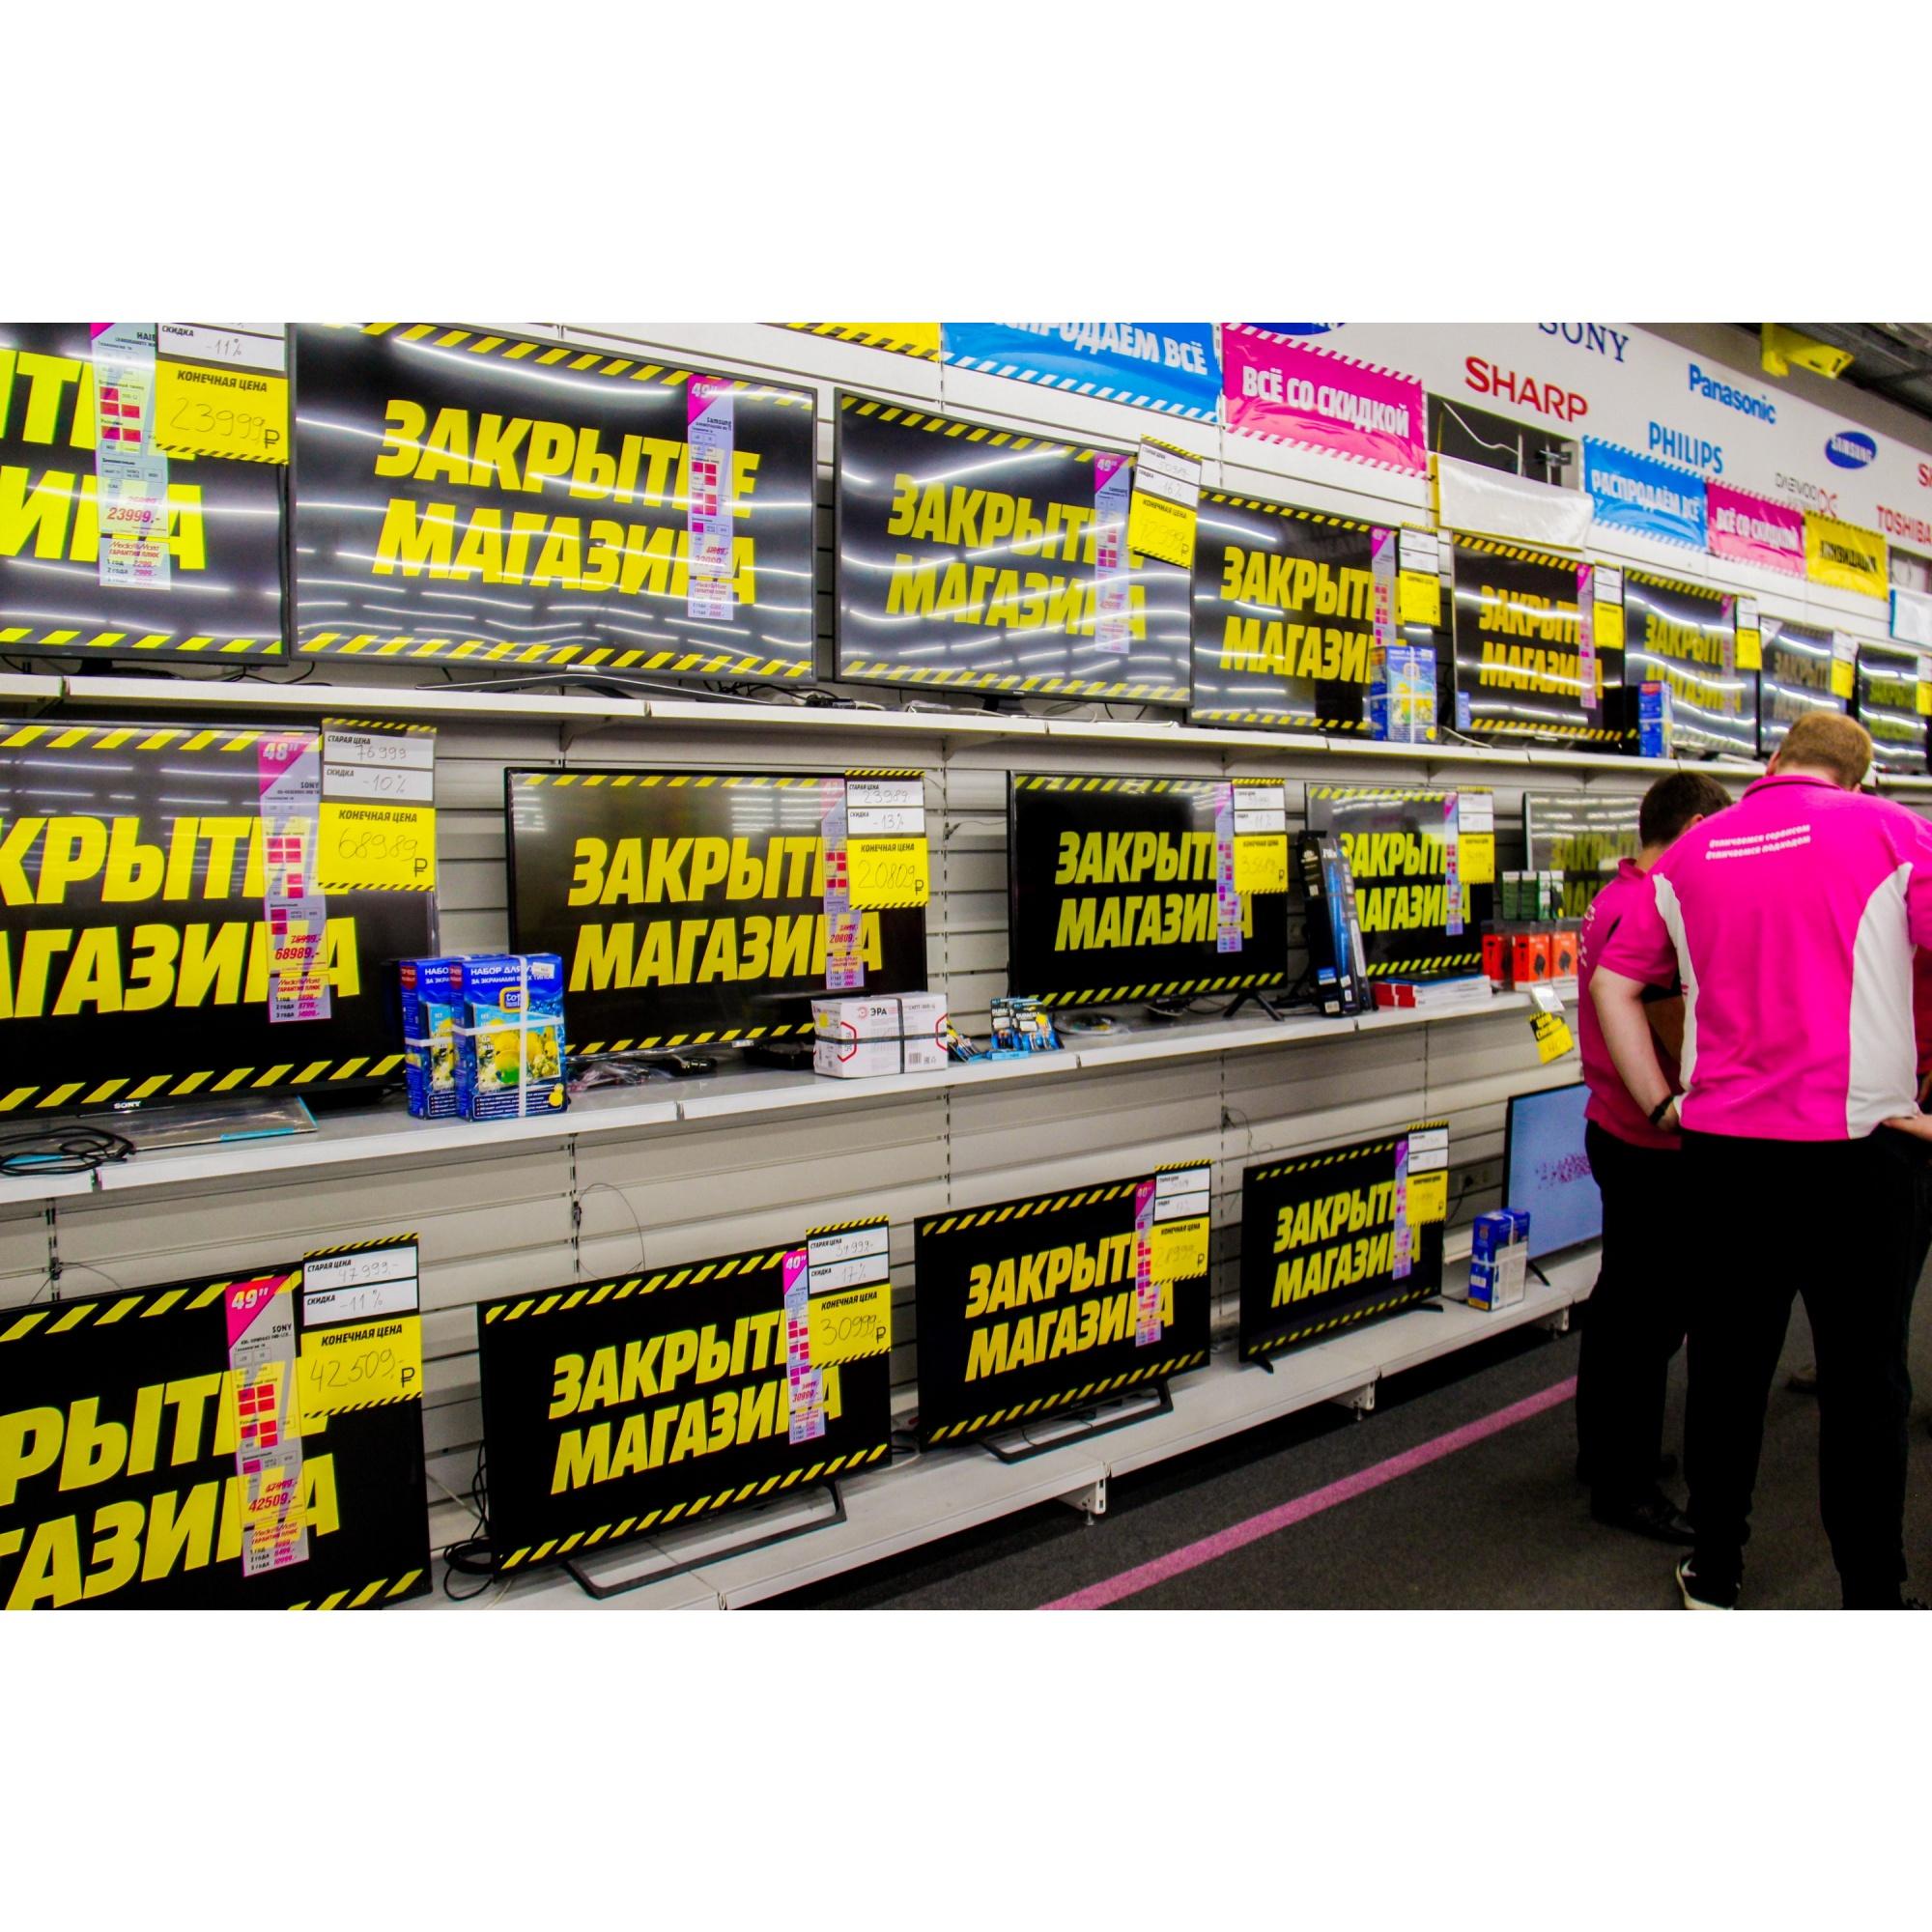 Магазин закроется, но на его месте, скорее всего, начнёт работать или «Эльдорадо», или «М.Видео»